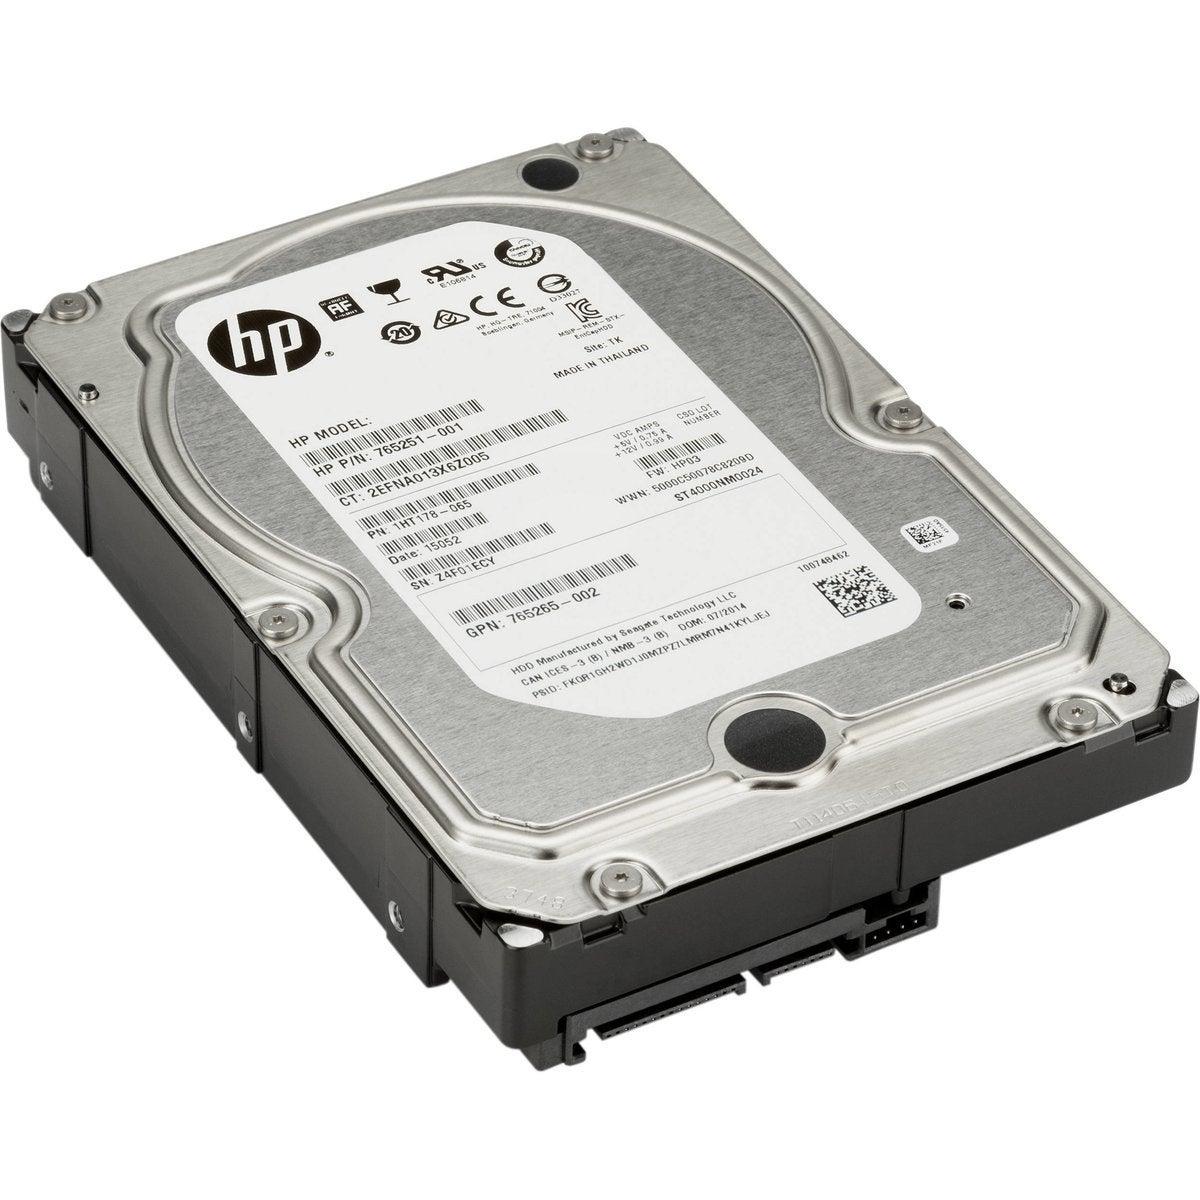 HP L3M56AA 1TB Hard Drive